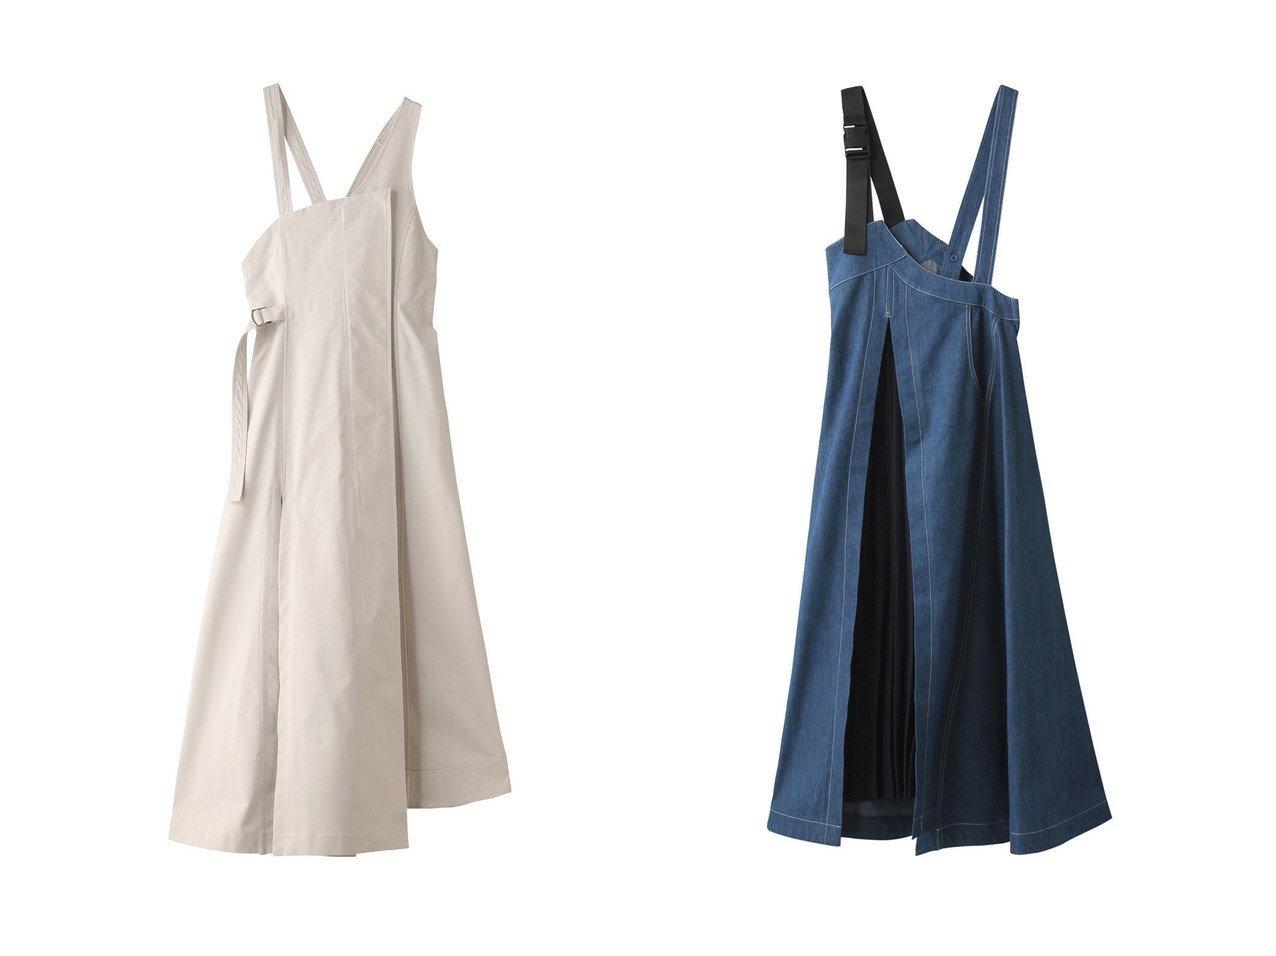 【AULA/アウラ】の【AULA AILA】アシンメトリーボリュームジャンパースカート&【AULA AILA】ウエストマークジャンパースカート 【スカート】おすすめ!人気、トレンド・レディースファッションの通販 おすすめで人気の流行・トレンド、ファッションの通販商品 インテリア・家具・メンズファッション・キッズファッション・レディースファッション・服の通販 founy(ファニー) https://founy.com/ ファッション Fashion レディースファッション WOMEN スカート Skirt アシンメトリー インナー ショルダー フィット シェイプ チュニック ヘムライン ラップ ロング |ID:crp329100000056322